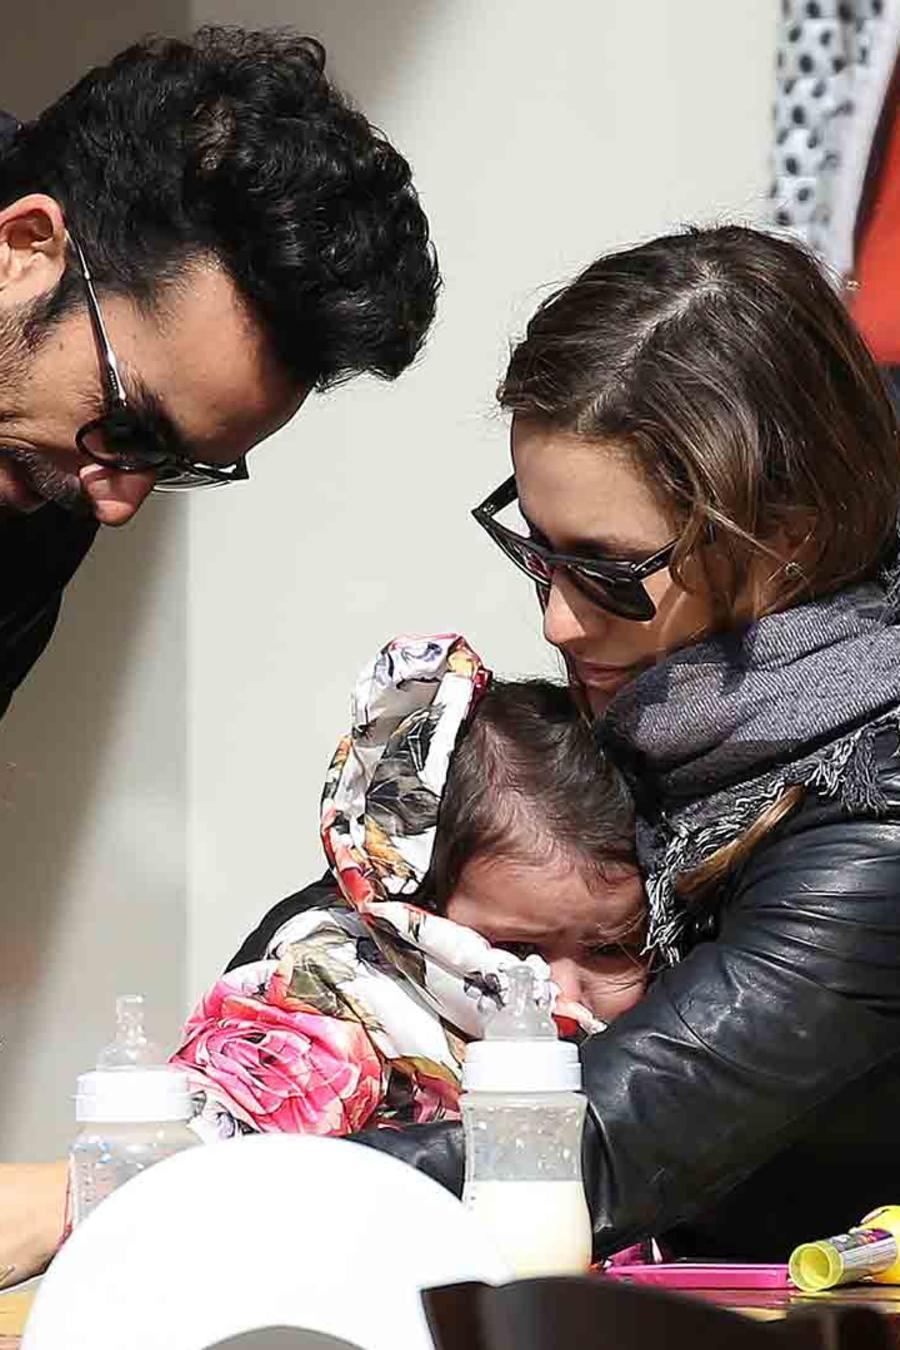 Aarón Díaz, Lola Ponce y sus hijas en Milán